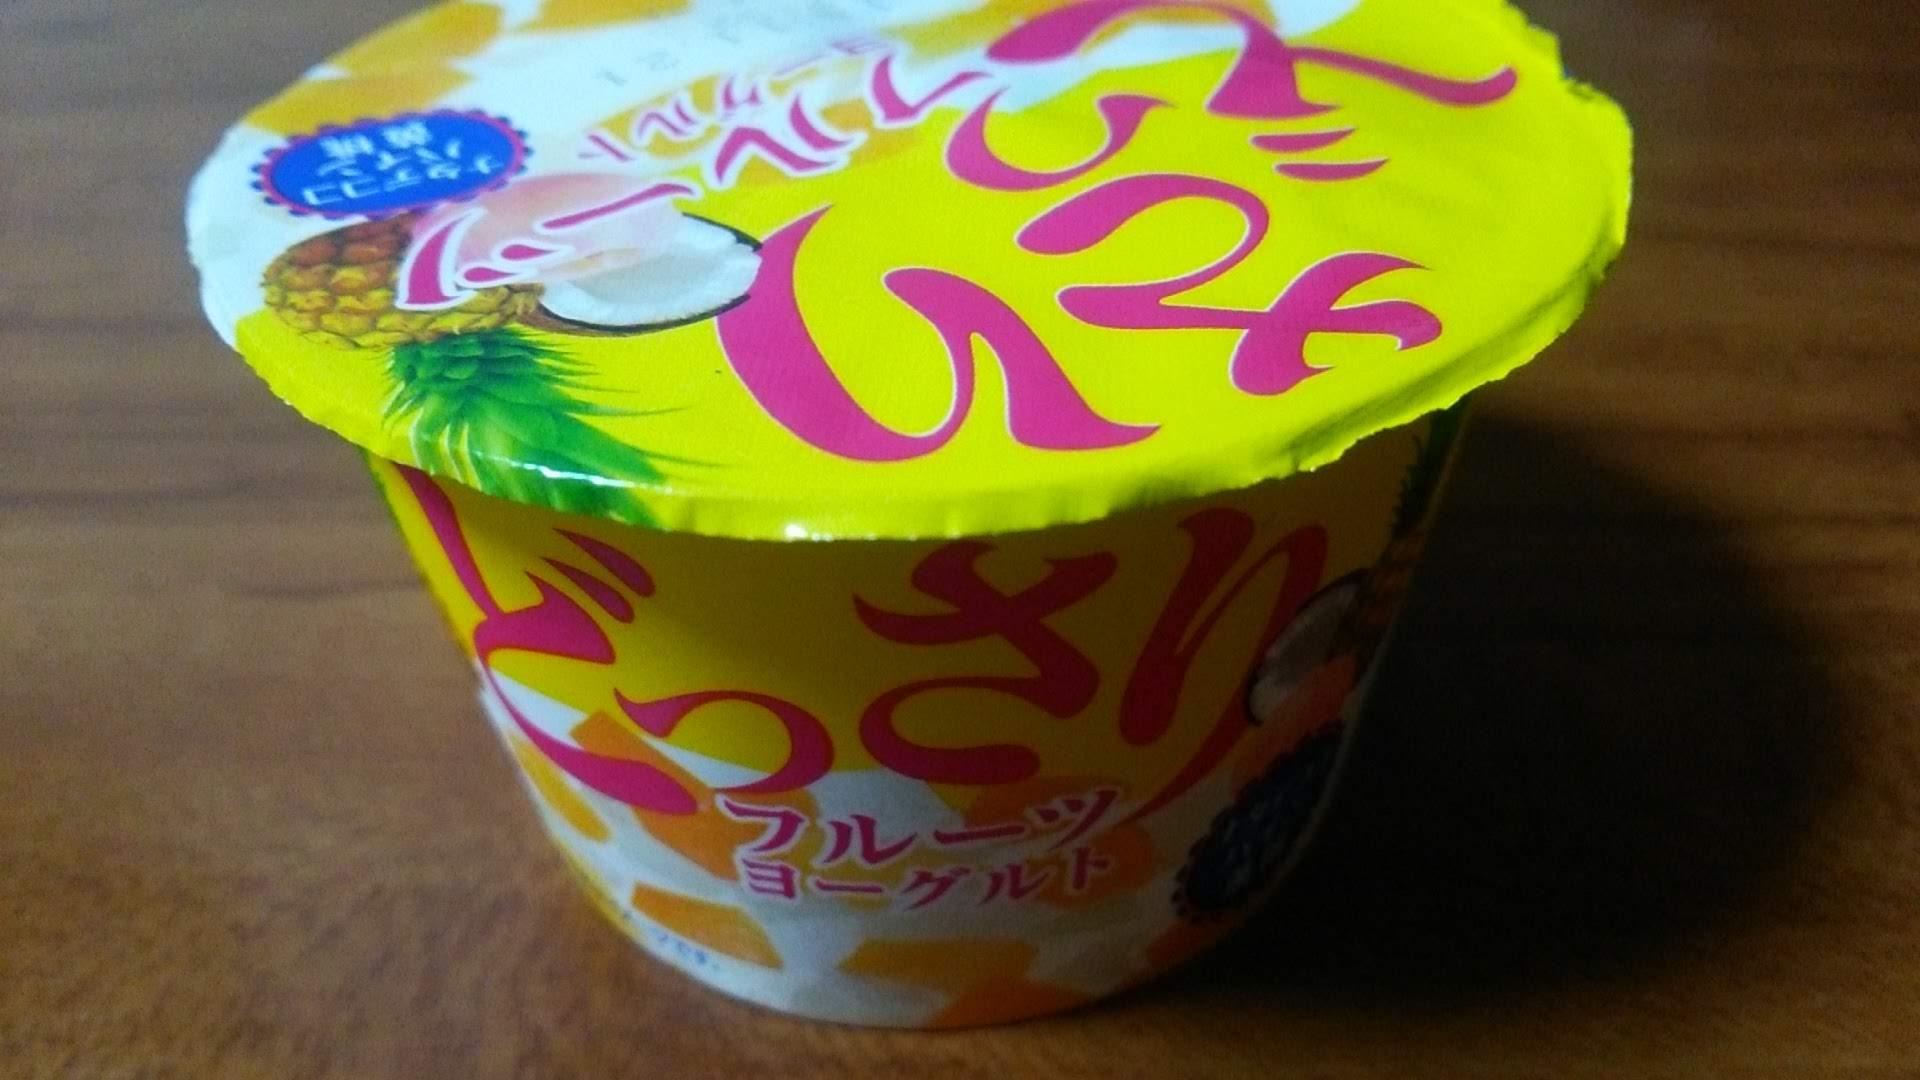 北海道乳業【どっさりフルーツヨーグルト】